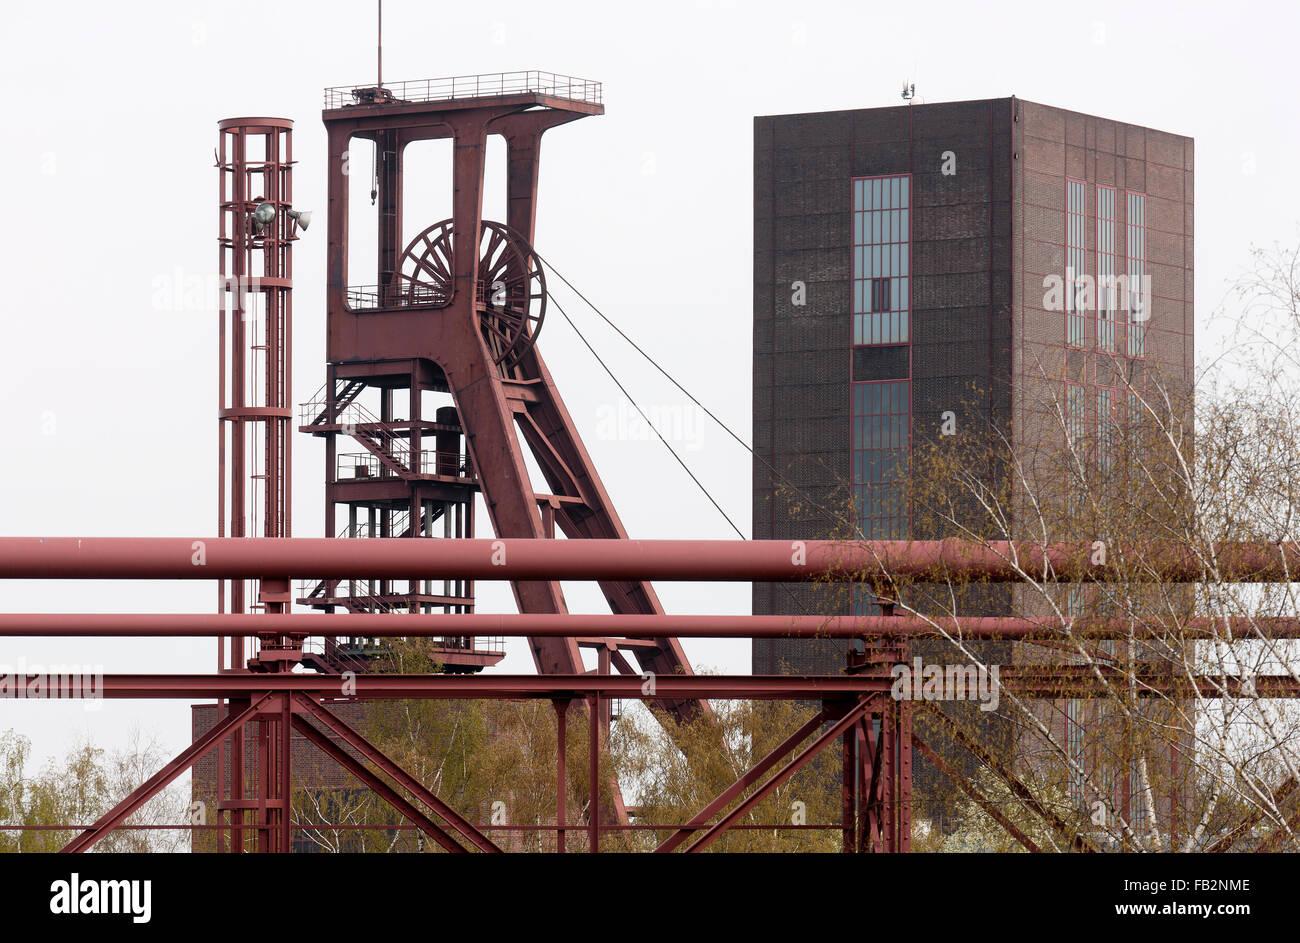 Essen, Zeche Zollverein, Schacht IIIX/II, Blick von der Kohlenwäsche - Stock Image